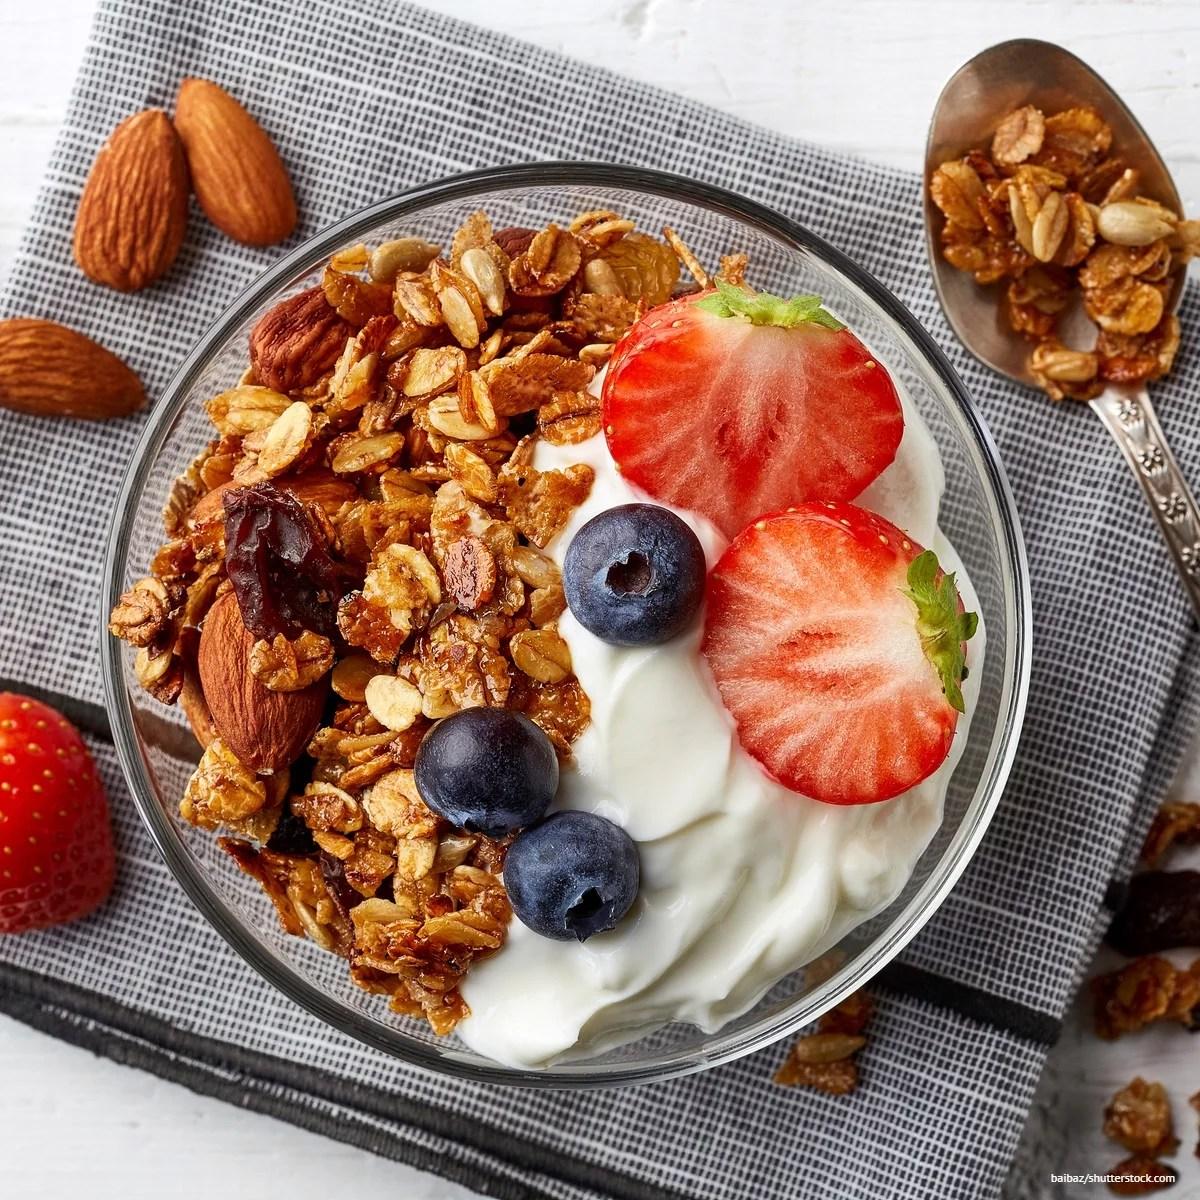 Frühstückscerealien können mit Vitamin B12 angereichert sein